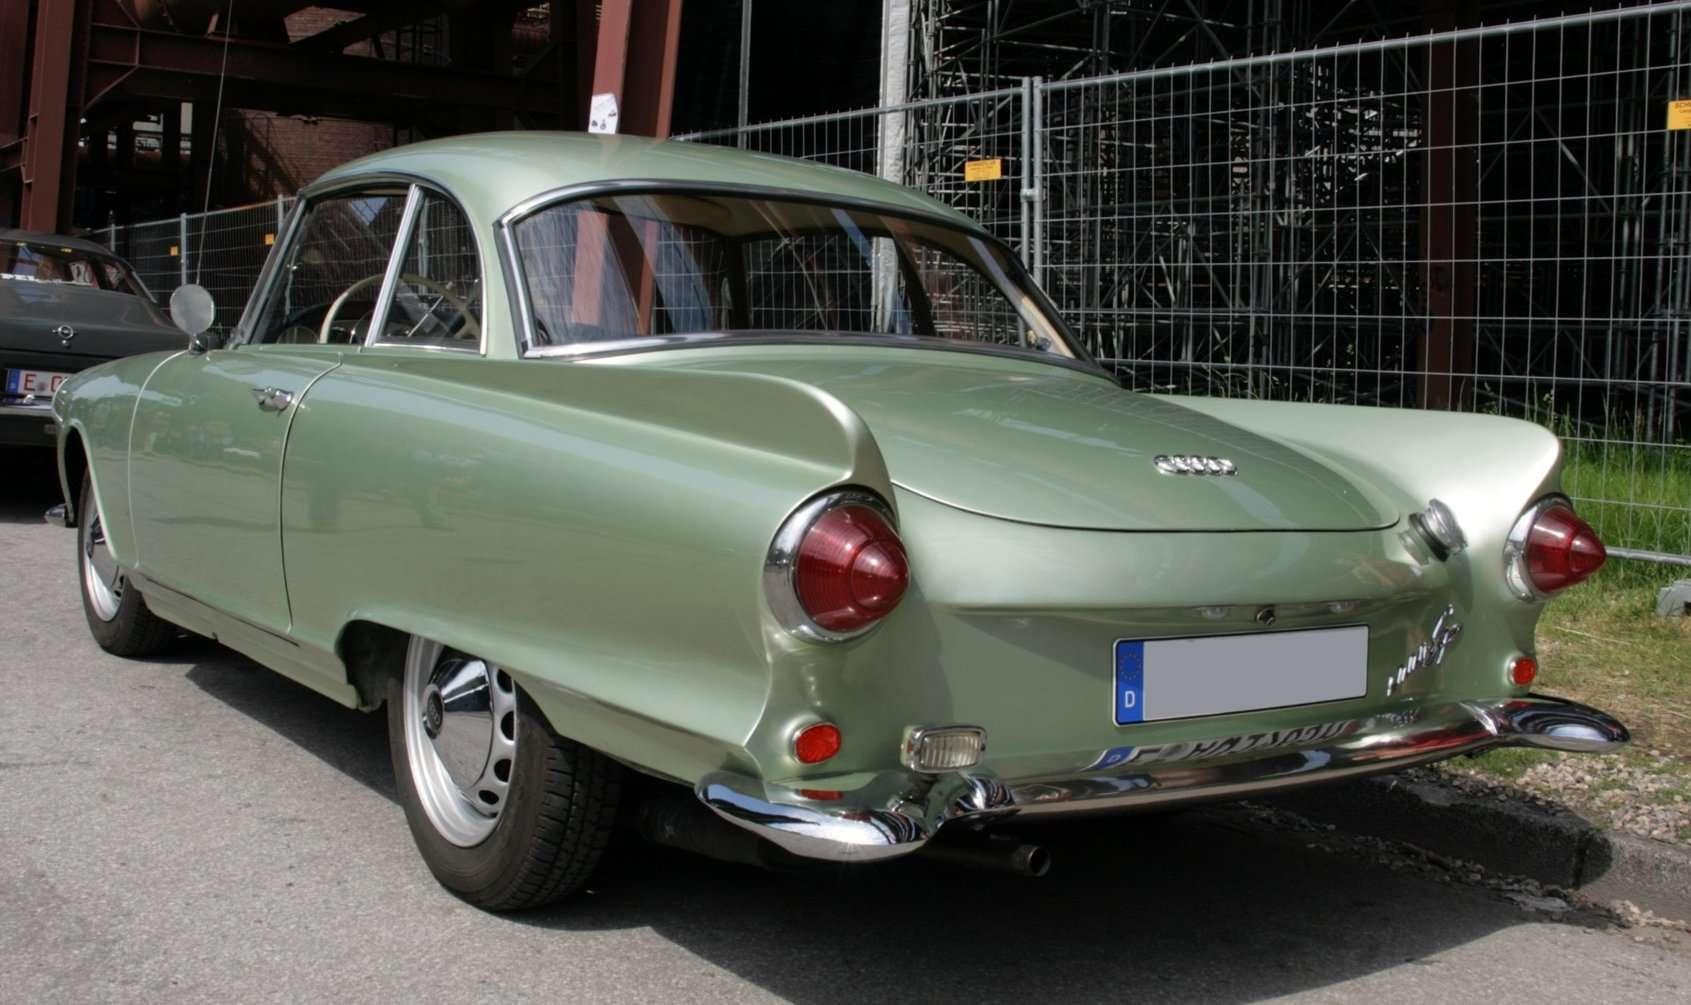 Power Cars Auto Union Sp Coupe